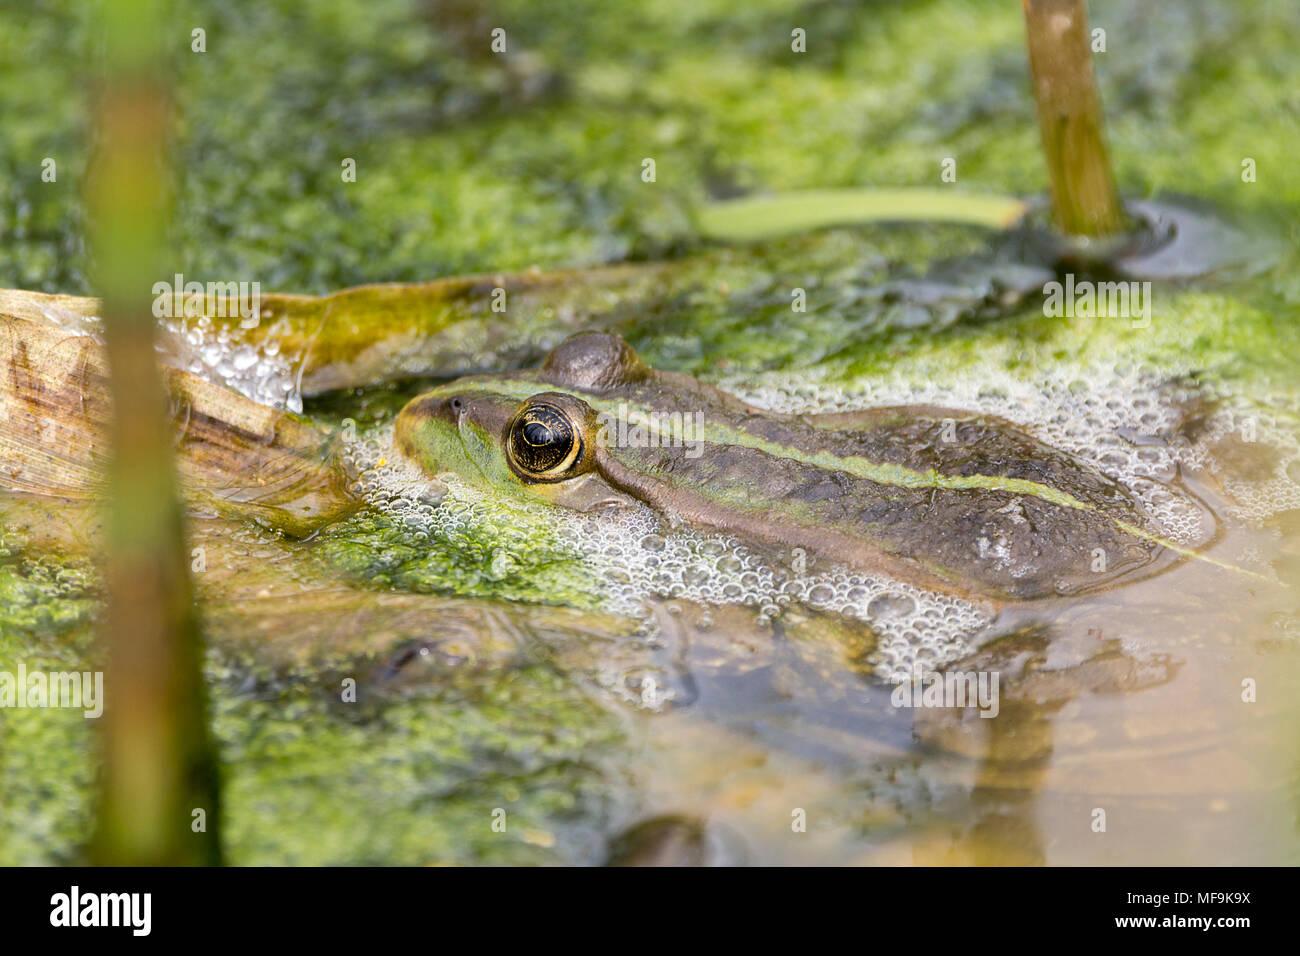 Grenouille des marais (Rana ridibunda) Avril 2018. Un peu coassant et beaucoup d'écume sur l'eau autour d'eux. La plupart du temps de se cacher dans les algues et la végétation. Banque D'Images